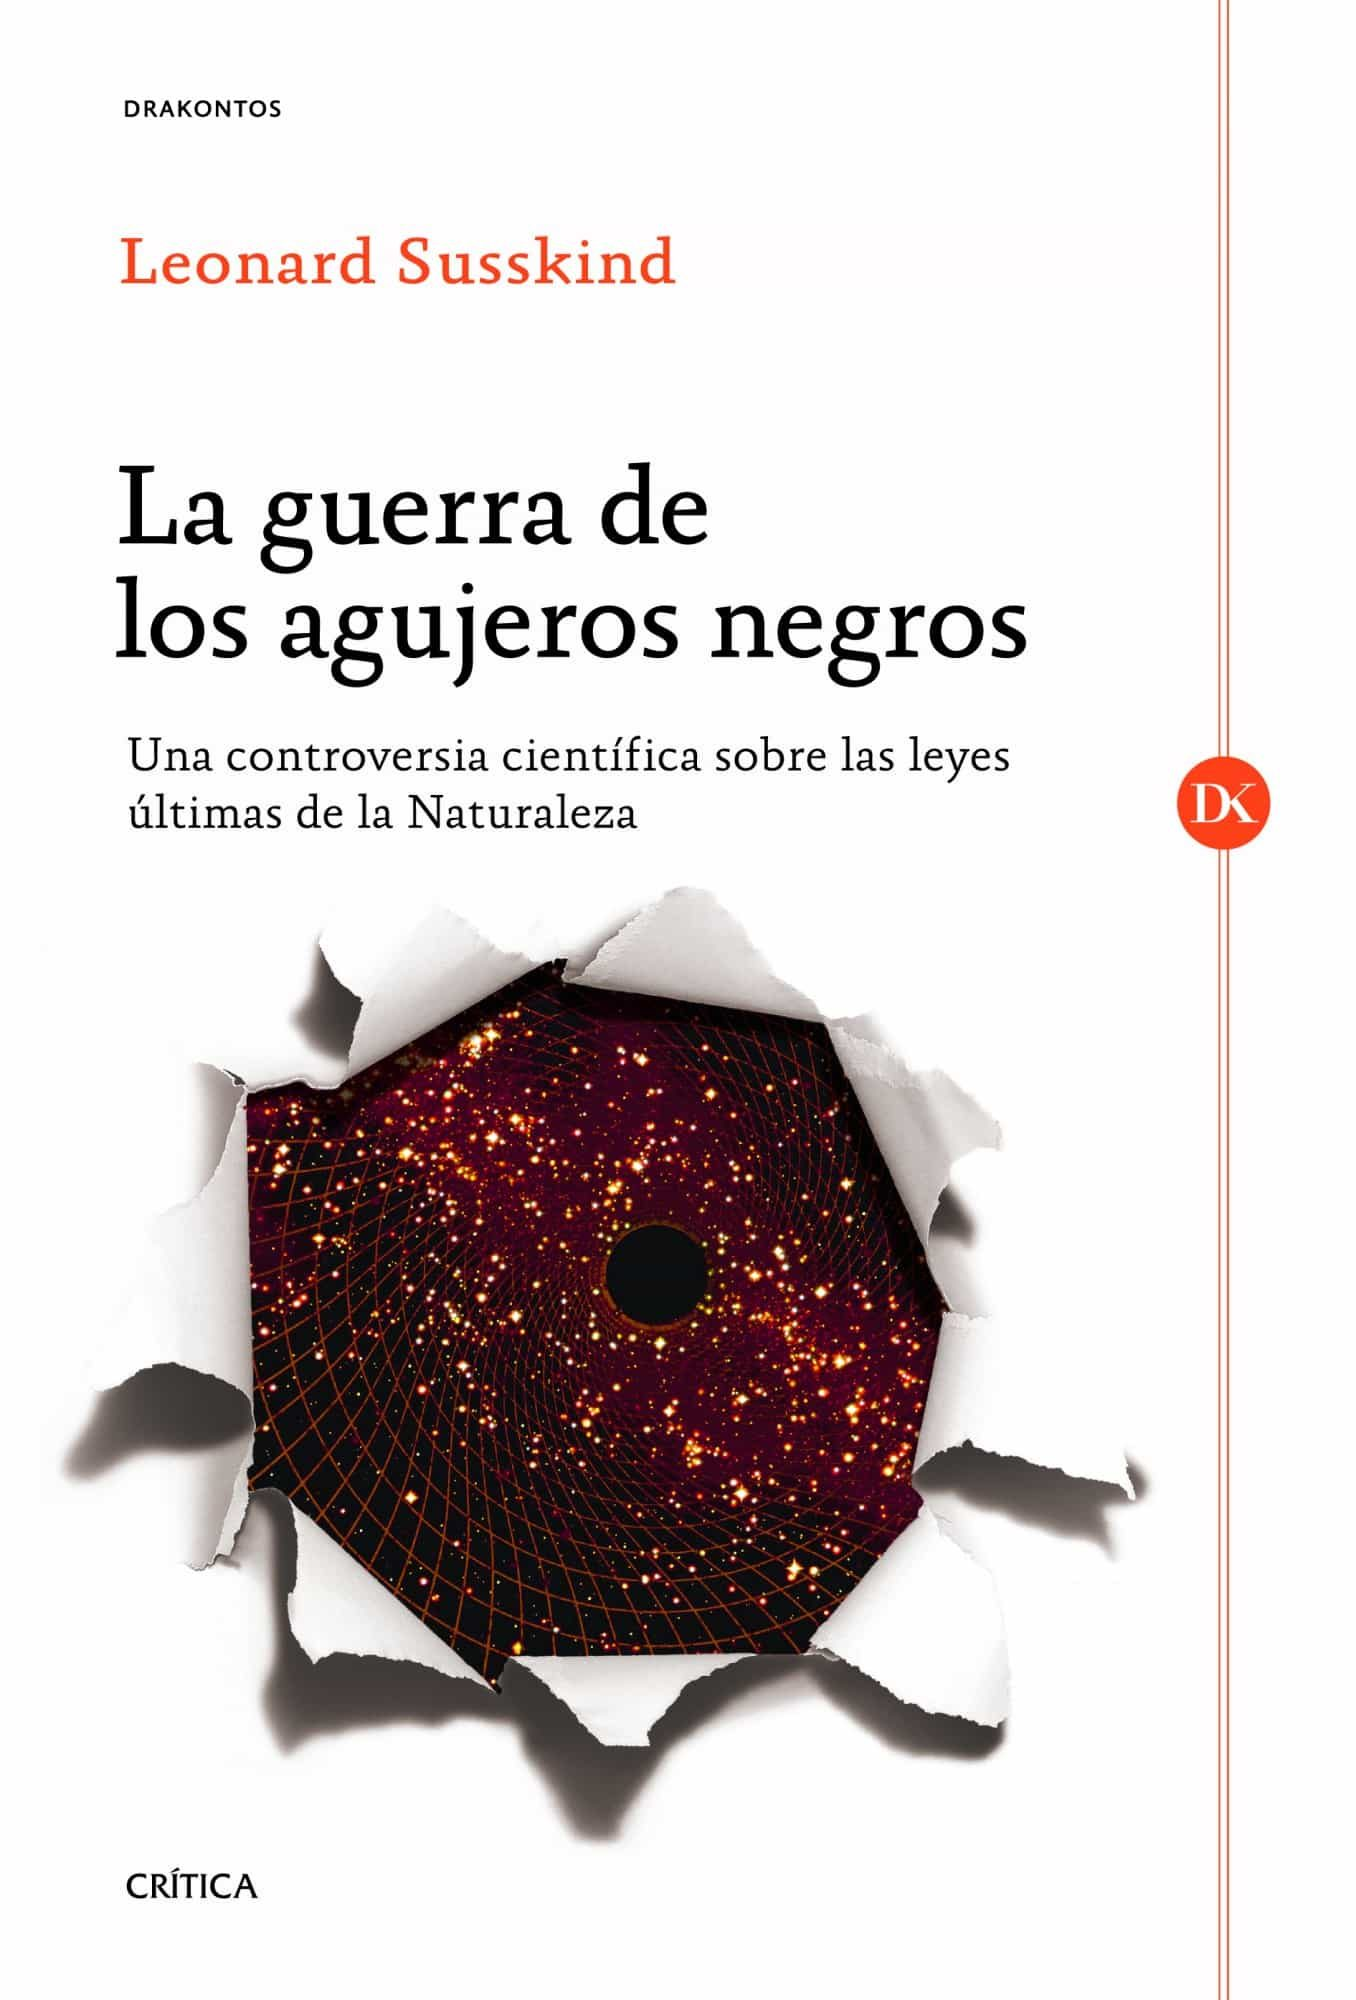 LA GUERRA DE LOS AGUJEROS NEGROS: UNA CONTROVERSIA CIENTIFICA SOB RE ...